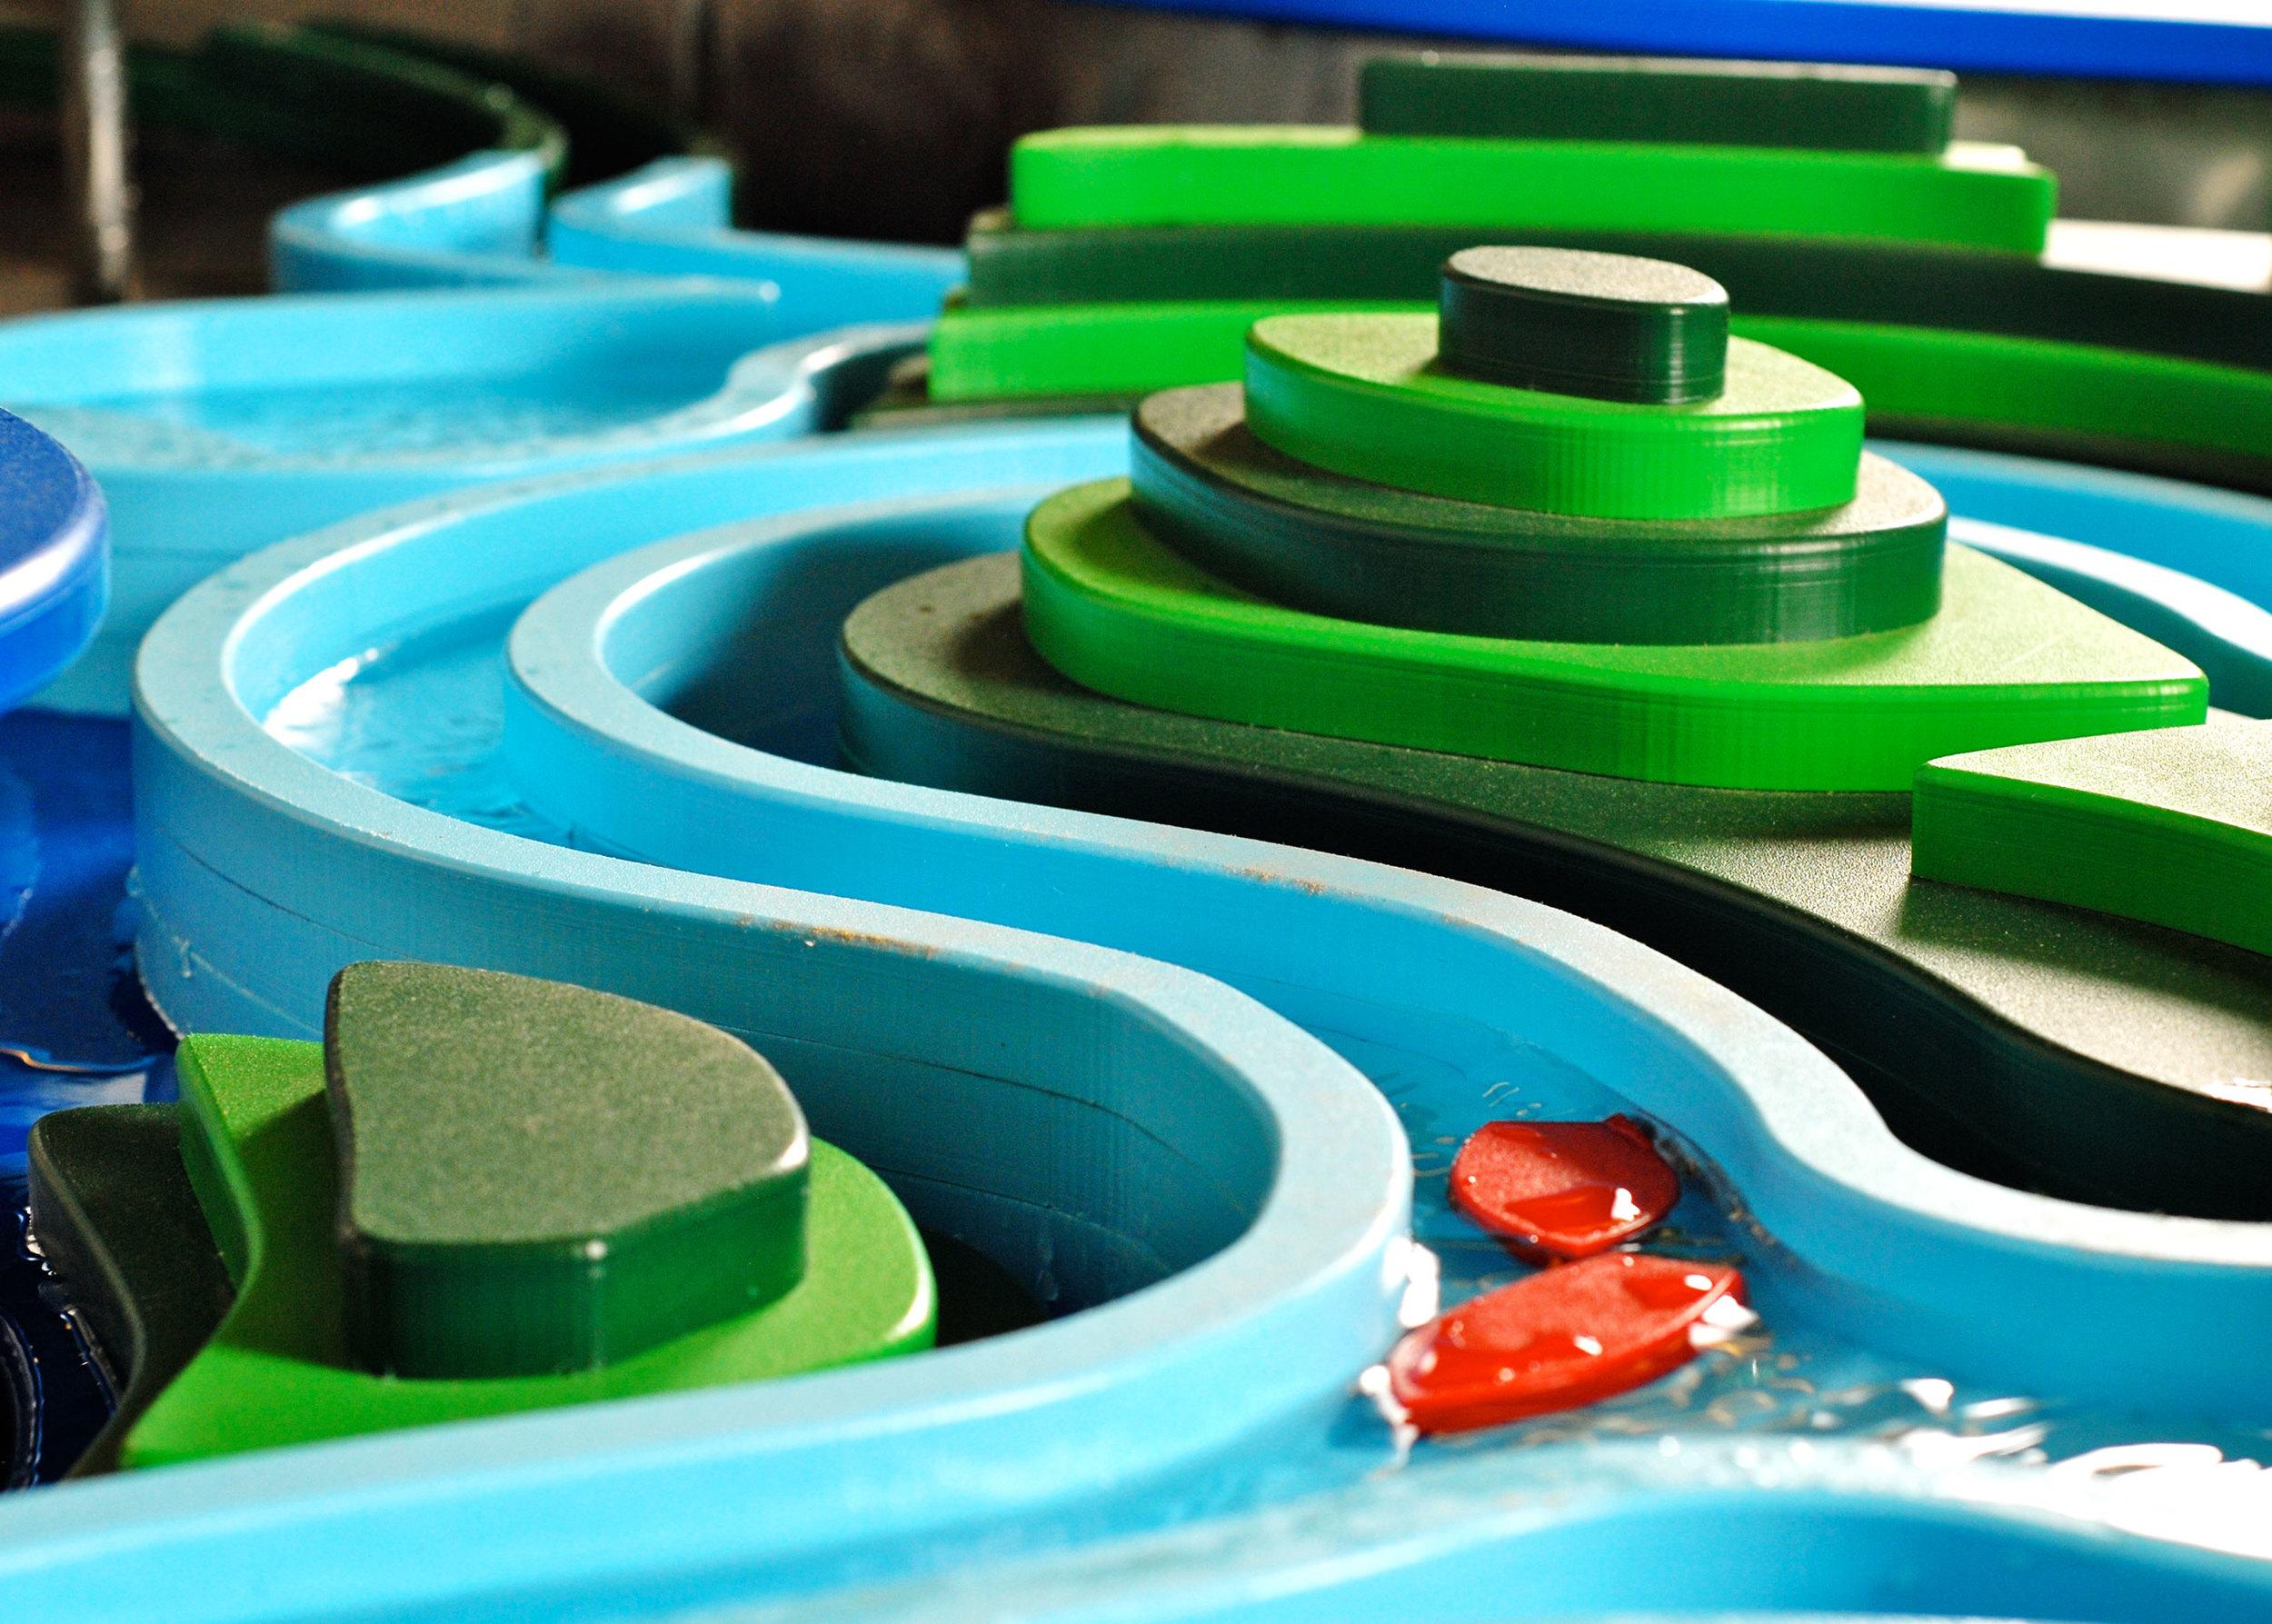 里士满儿童博物馆赛艇水箱